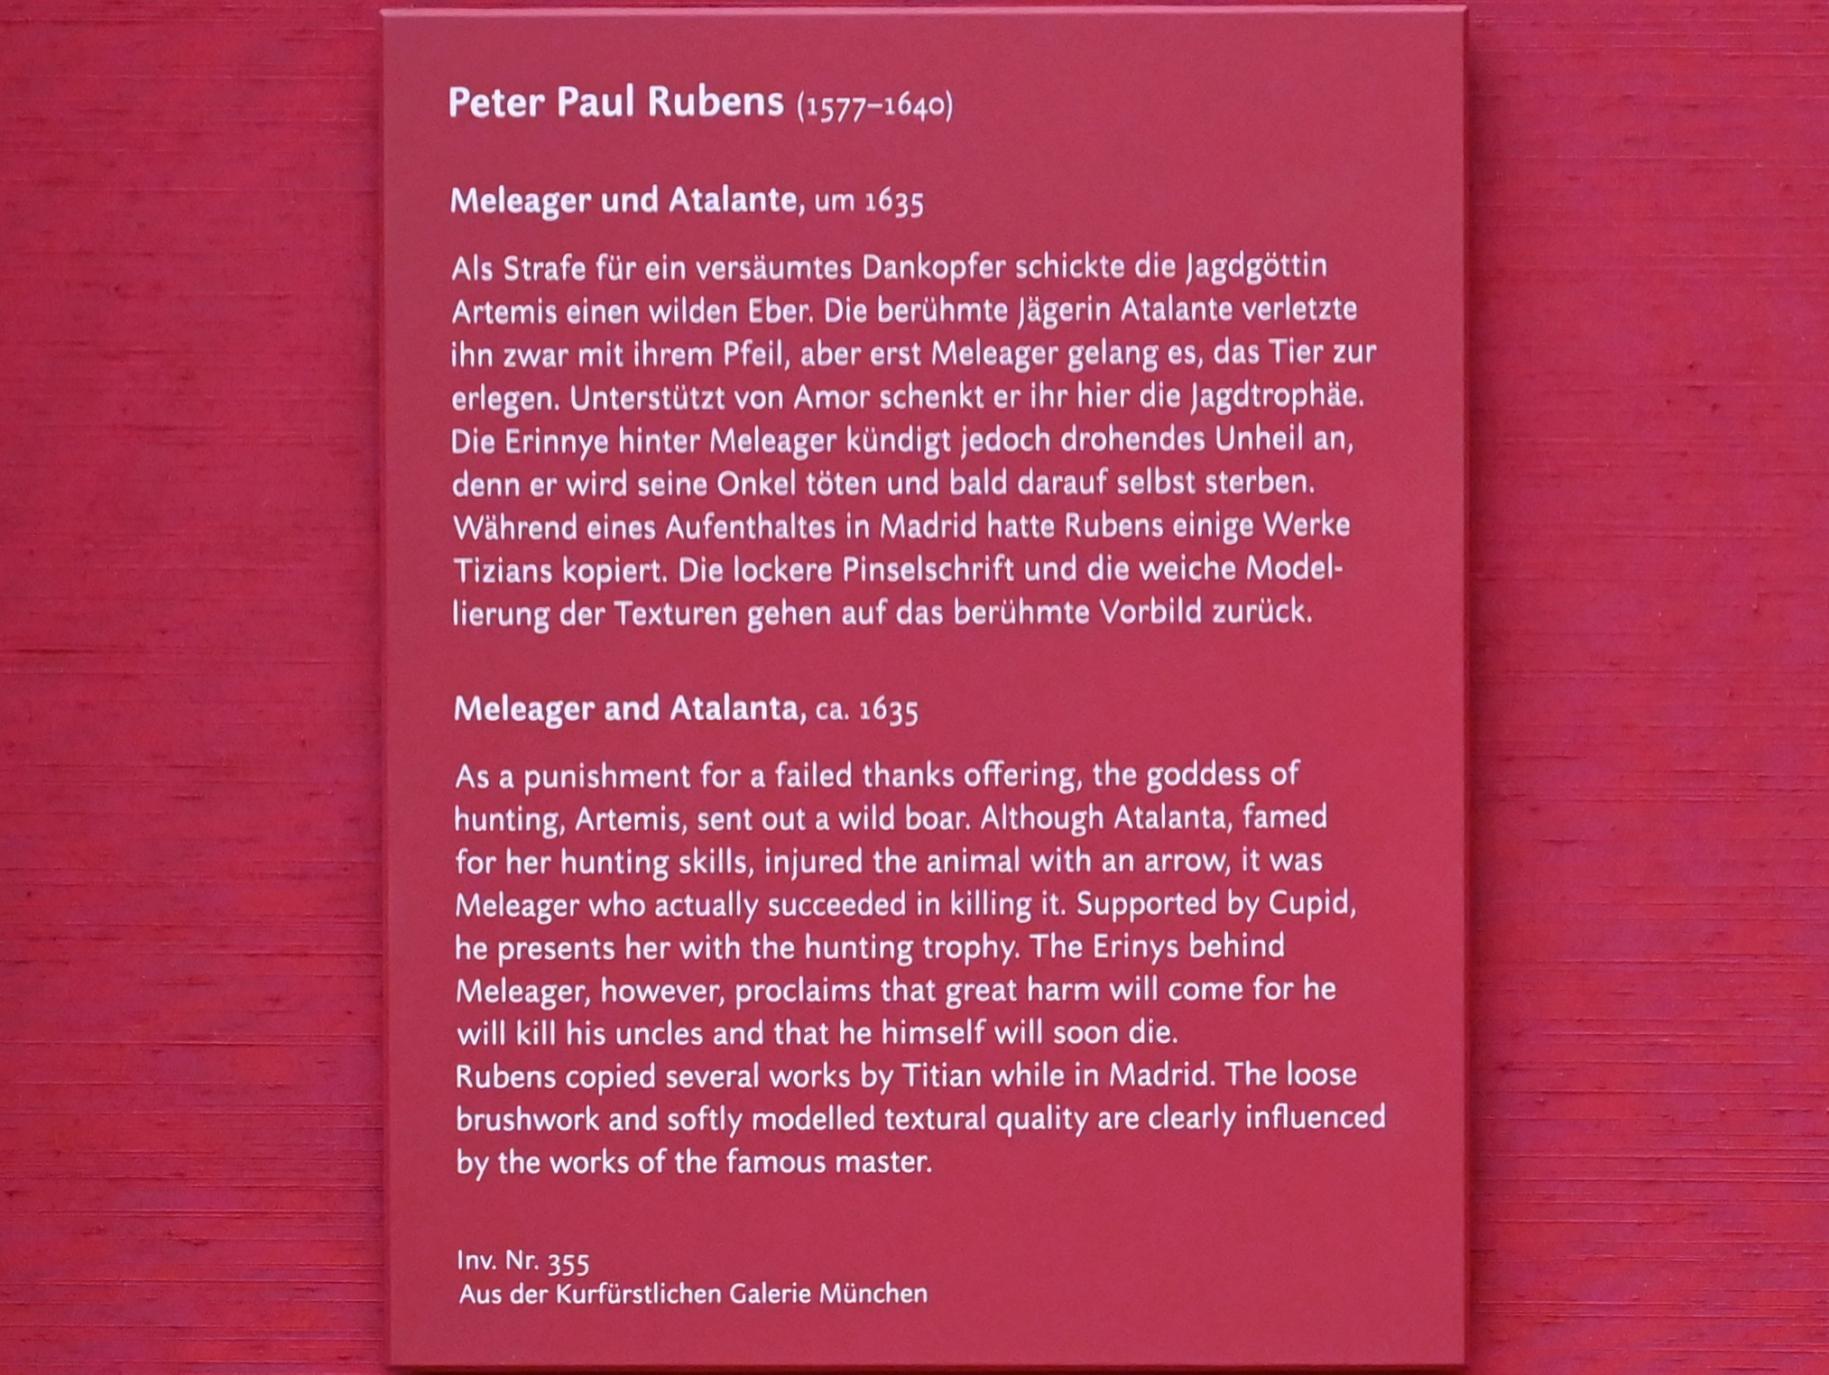 Peter Paul Rubens: Meleager und Atalante, um 1635, Bild 2/2